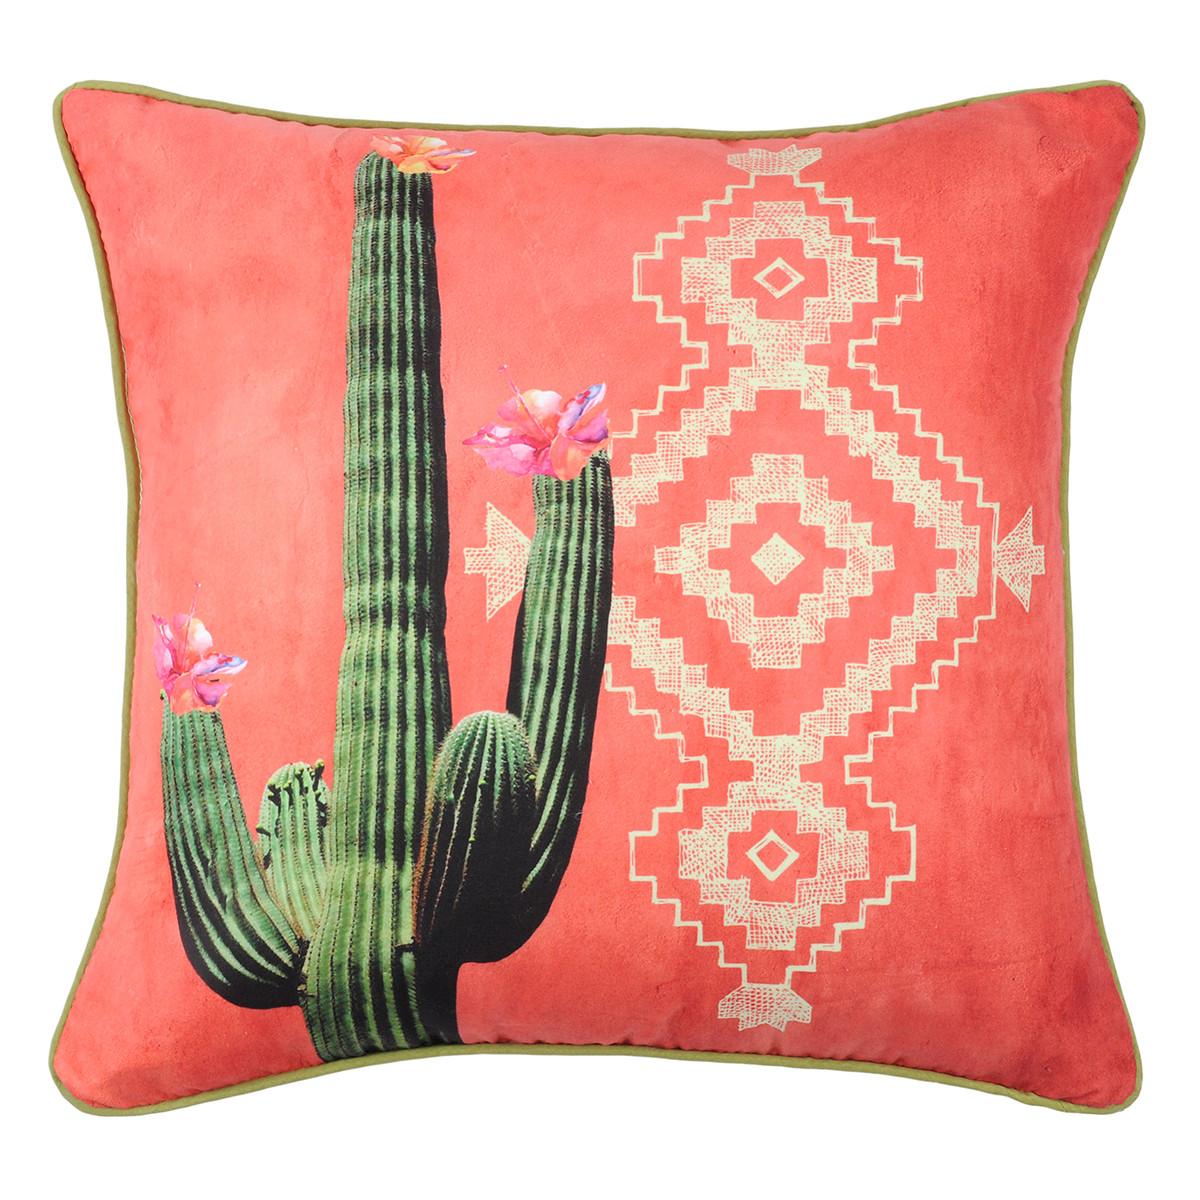 Διακοσμητικό Μαξιλάρι (40×40) Mexico Cactus C0A004002